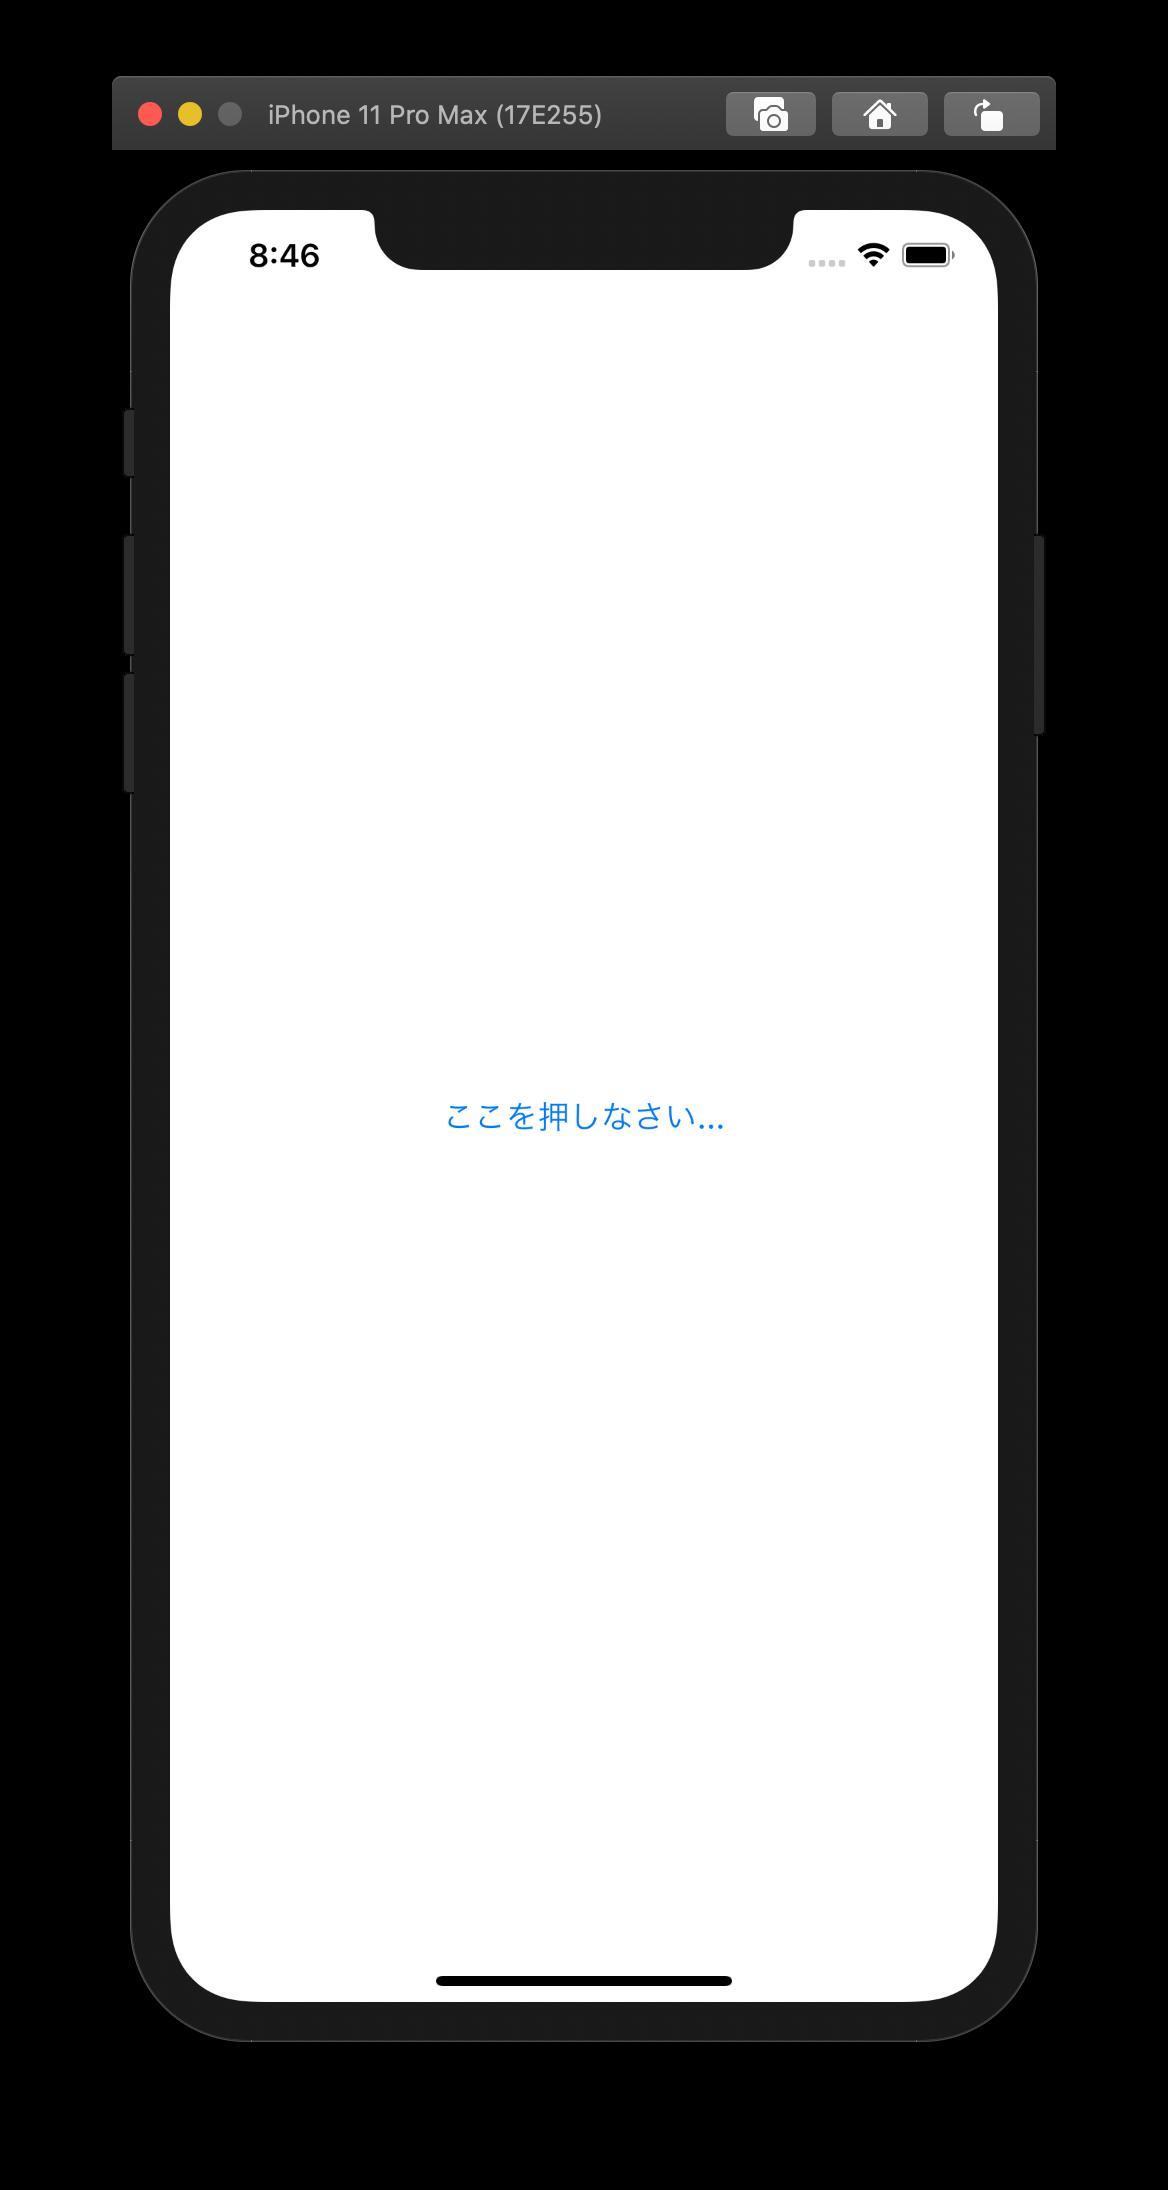 スクリーンショット 2020-04-19 20.46.24.png